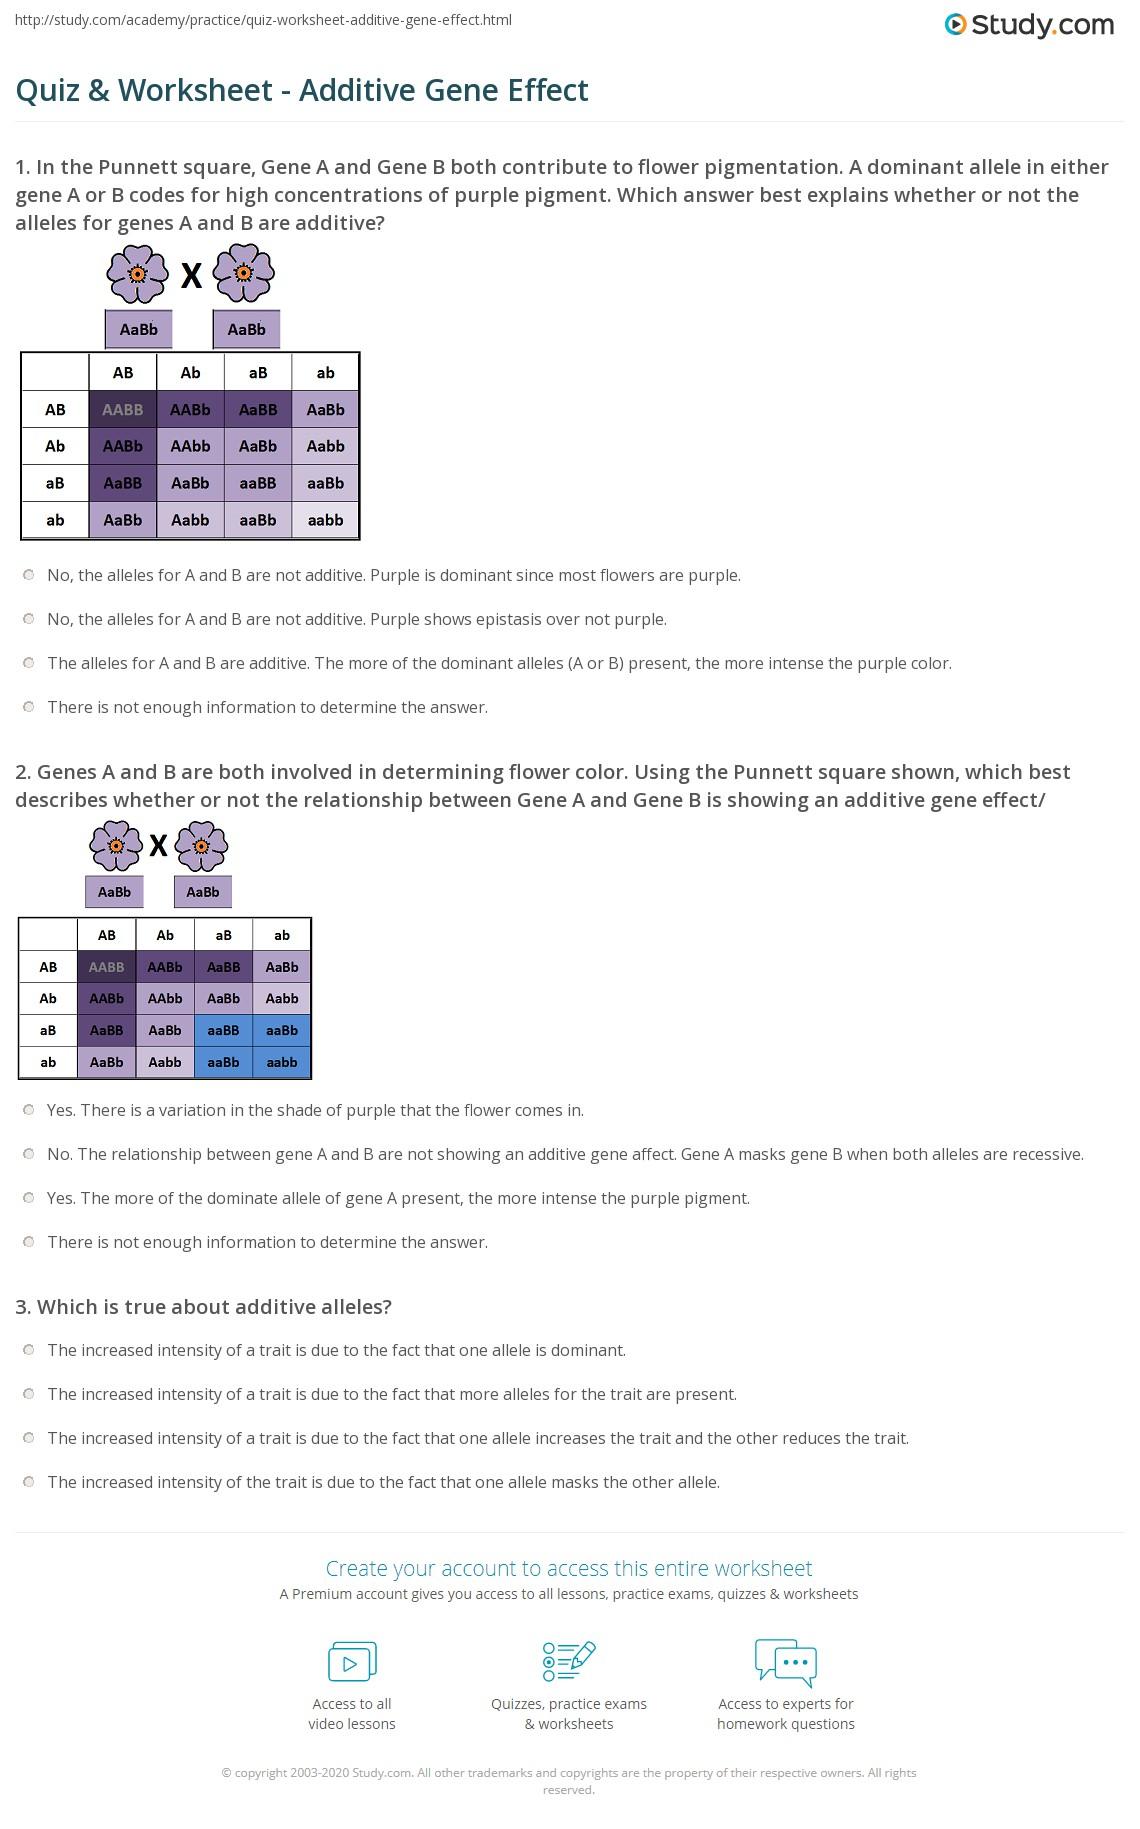 worksheet Spongebob Punnett Square Worksheet worksheet punnett square 1 grass fedjp study site quiz additive gene effect com genes a and